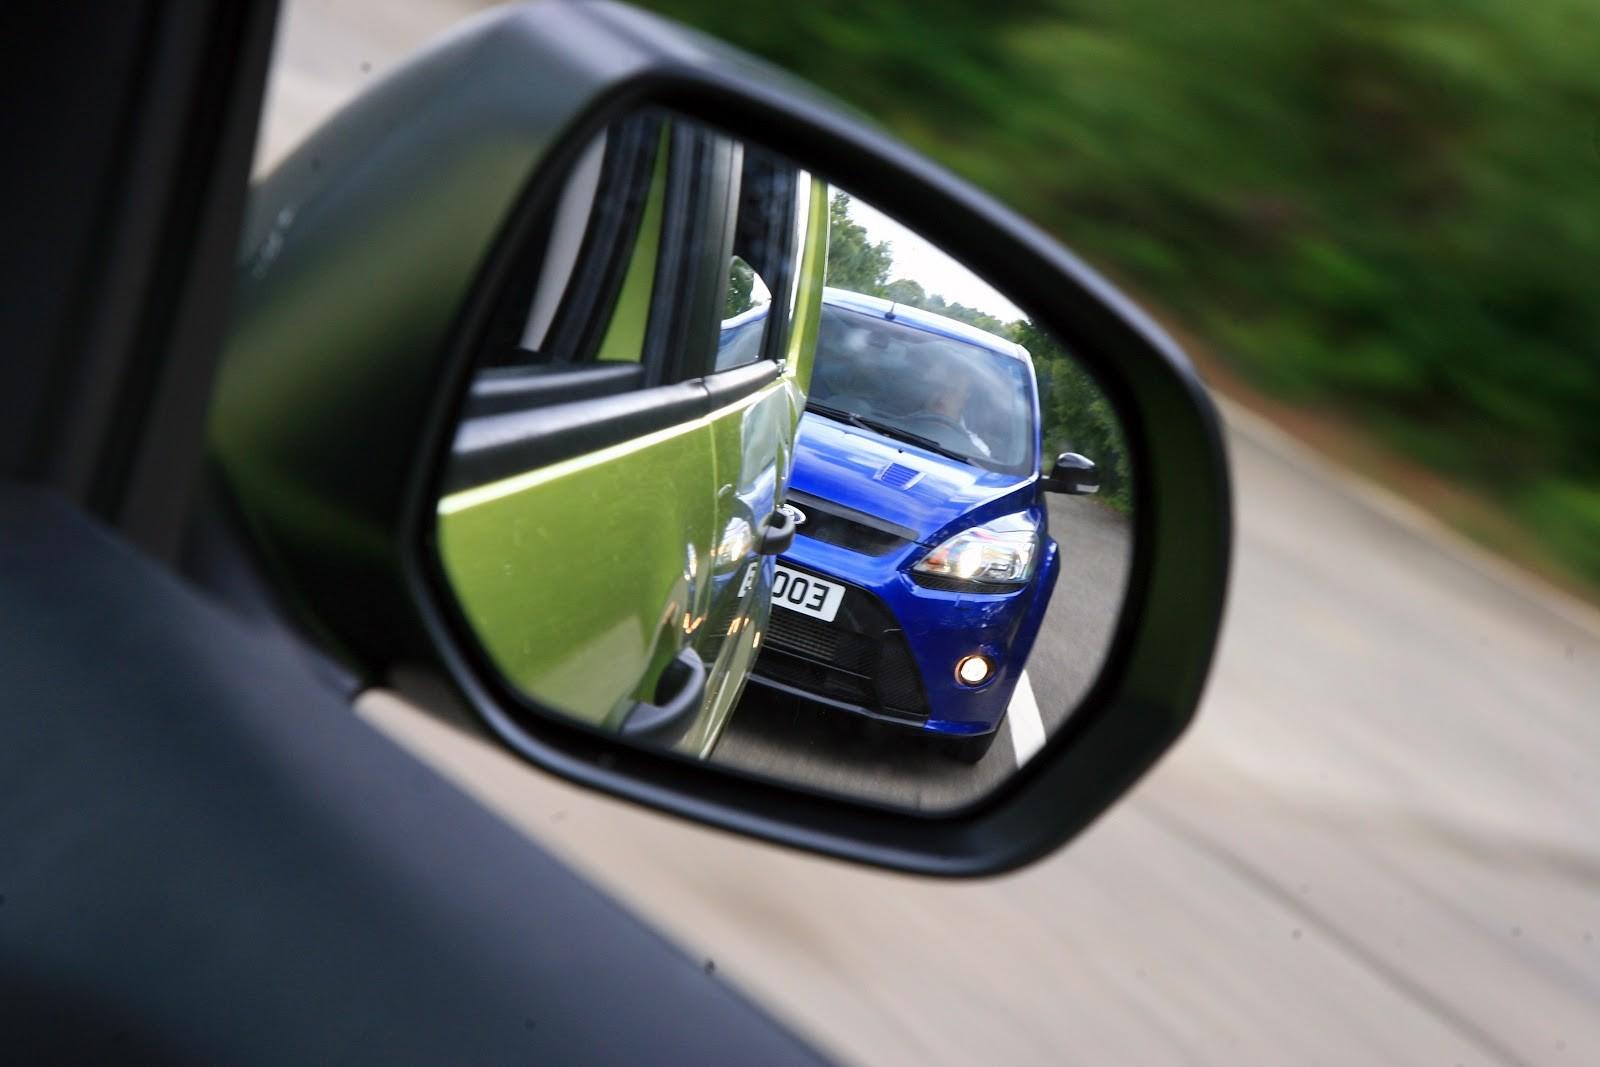 Онлайн просмотр штрафы за превышение скорости астана, Бурятия штрафы по водительскому